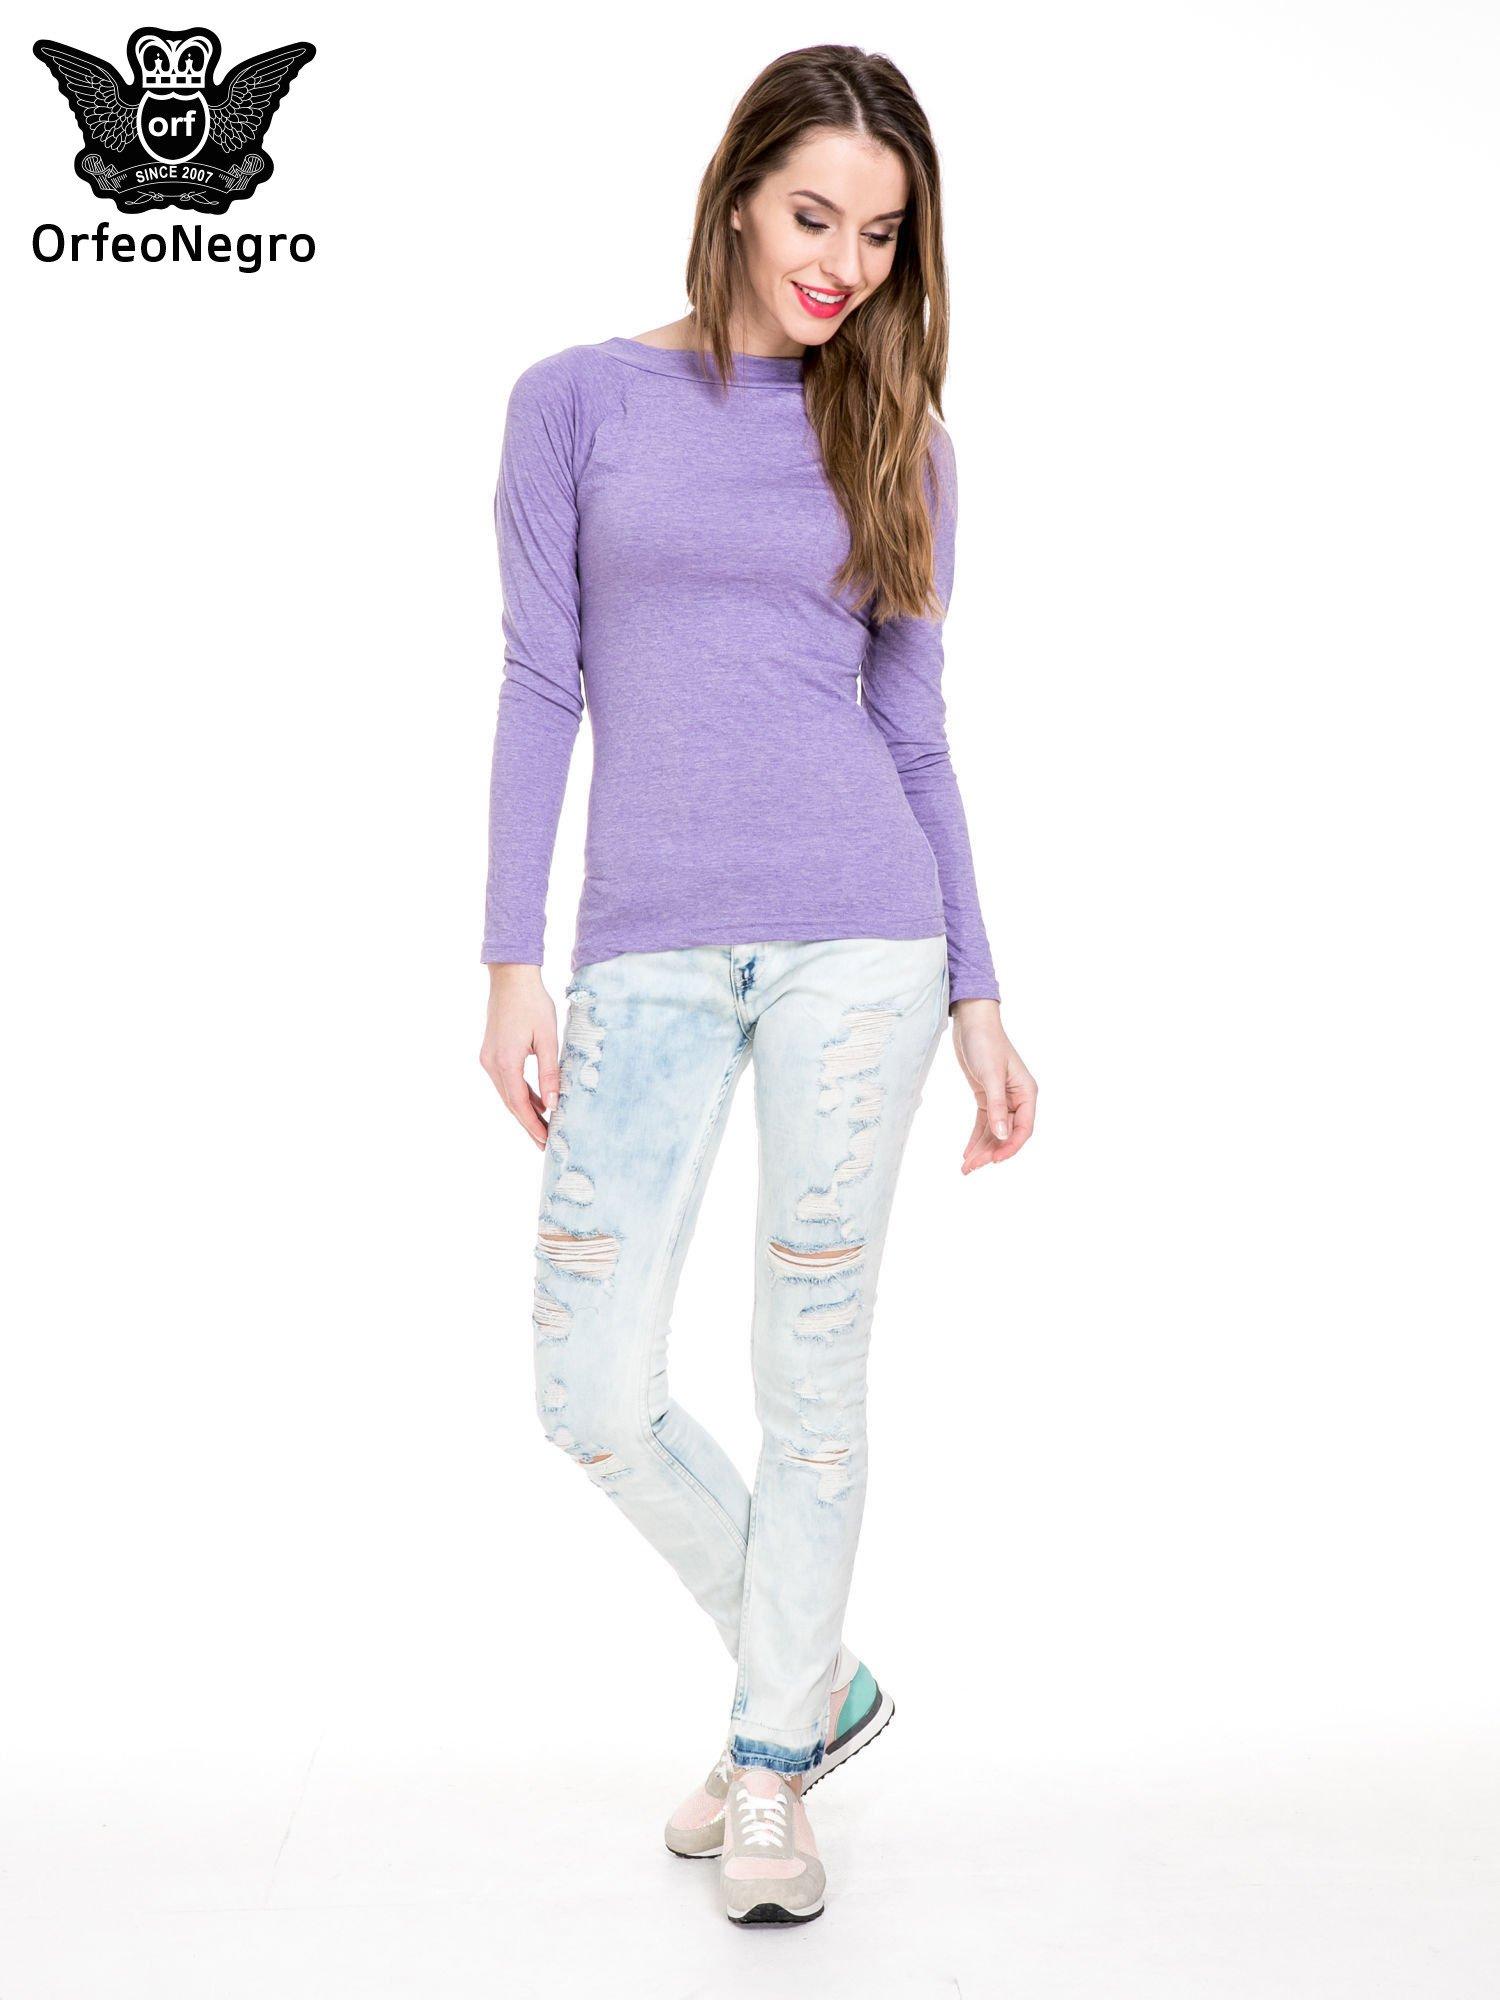 Jasnoniebieskie spodnie jeansowe rurki z przetarciami i poszarpaną na dole nogawką                                  zdj.                                  2